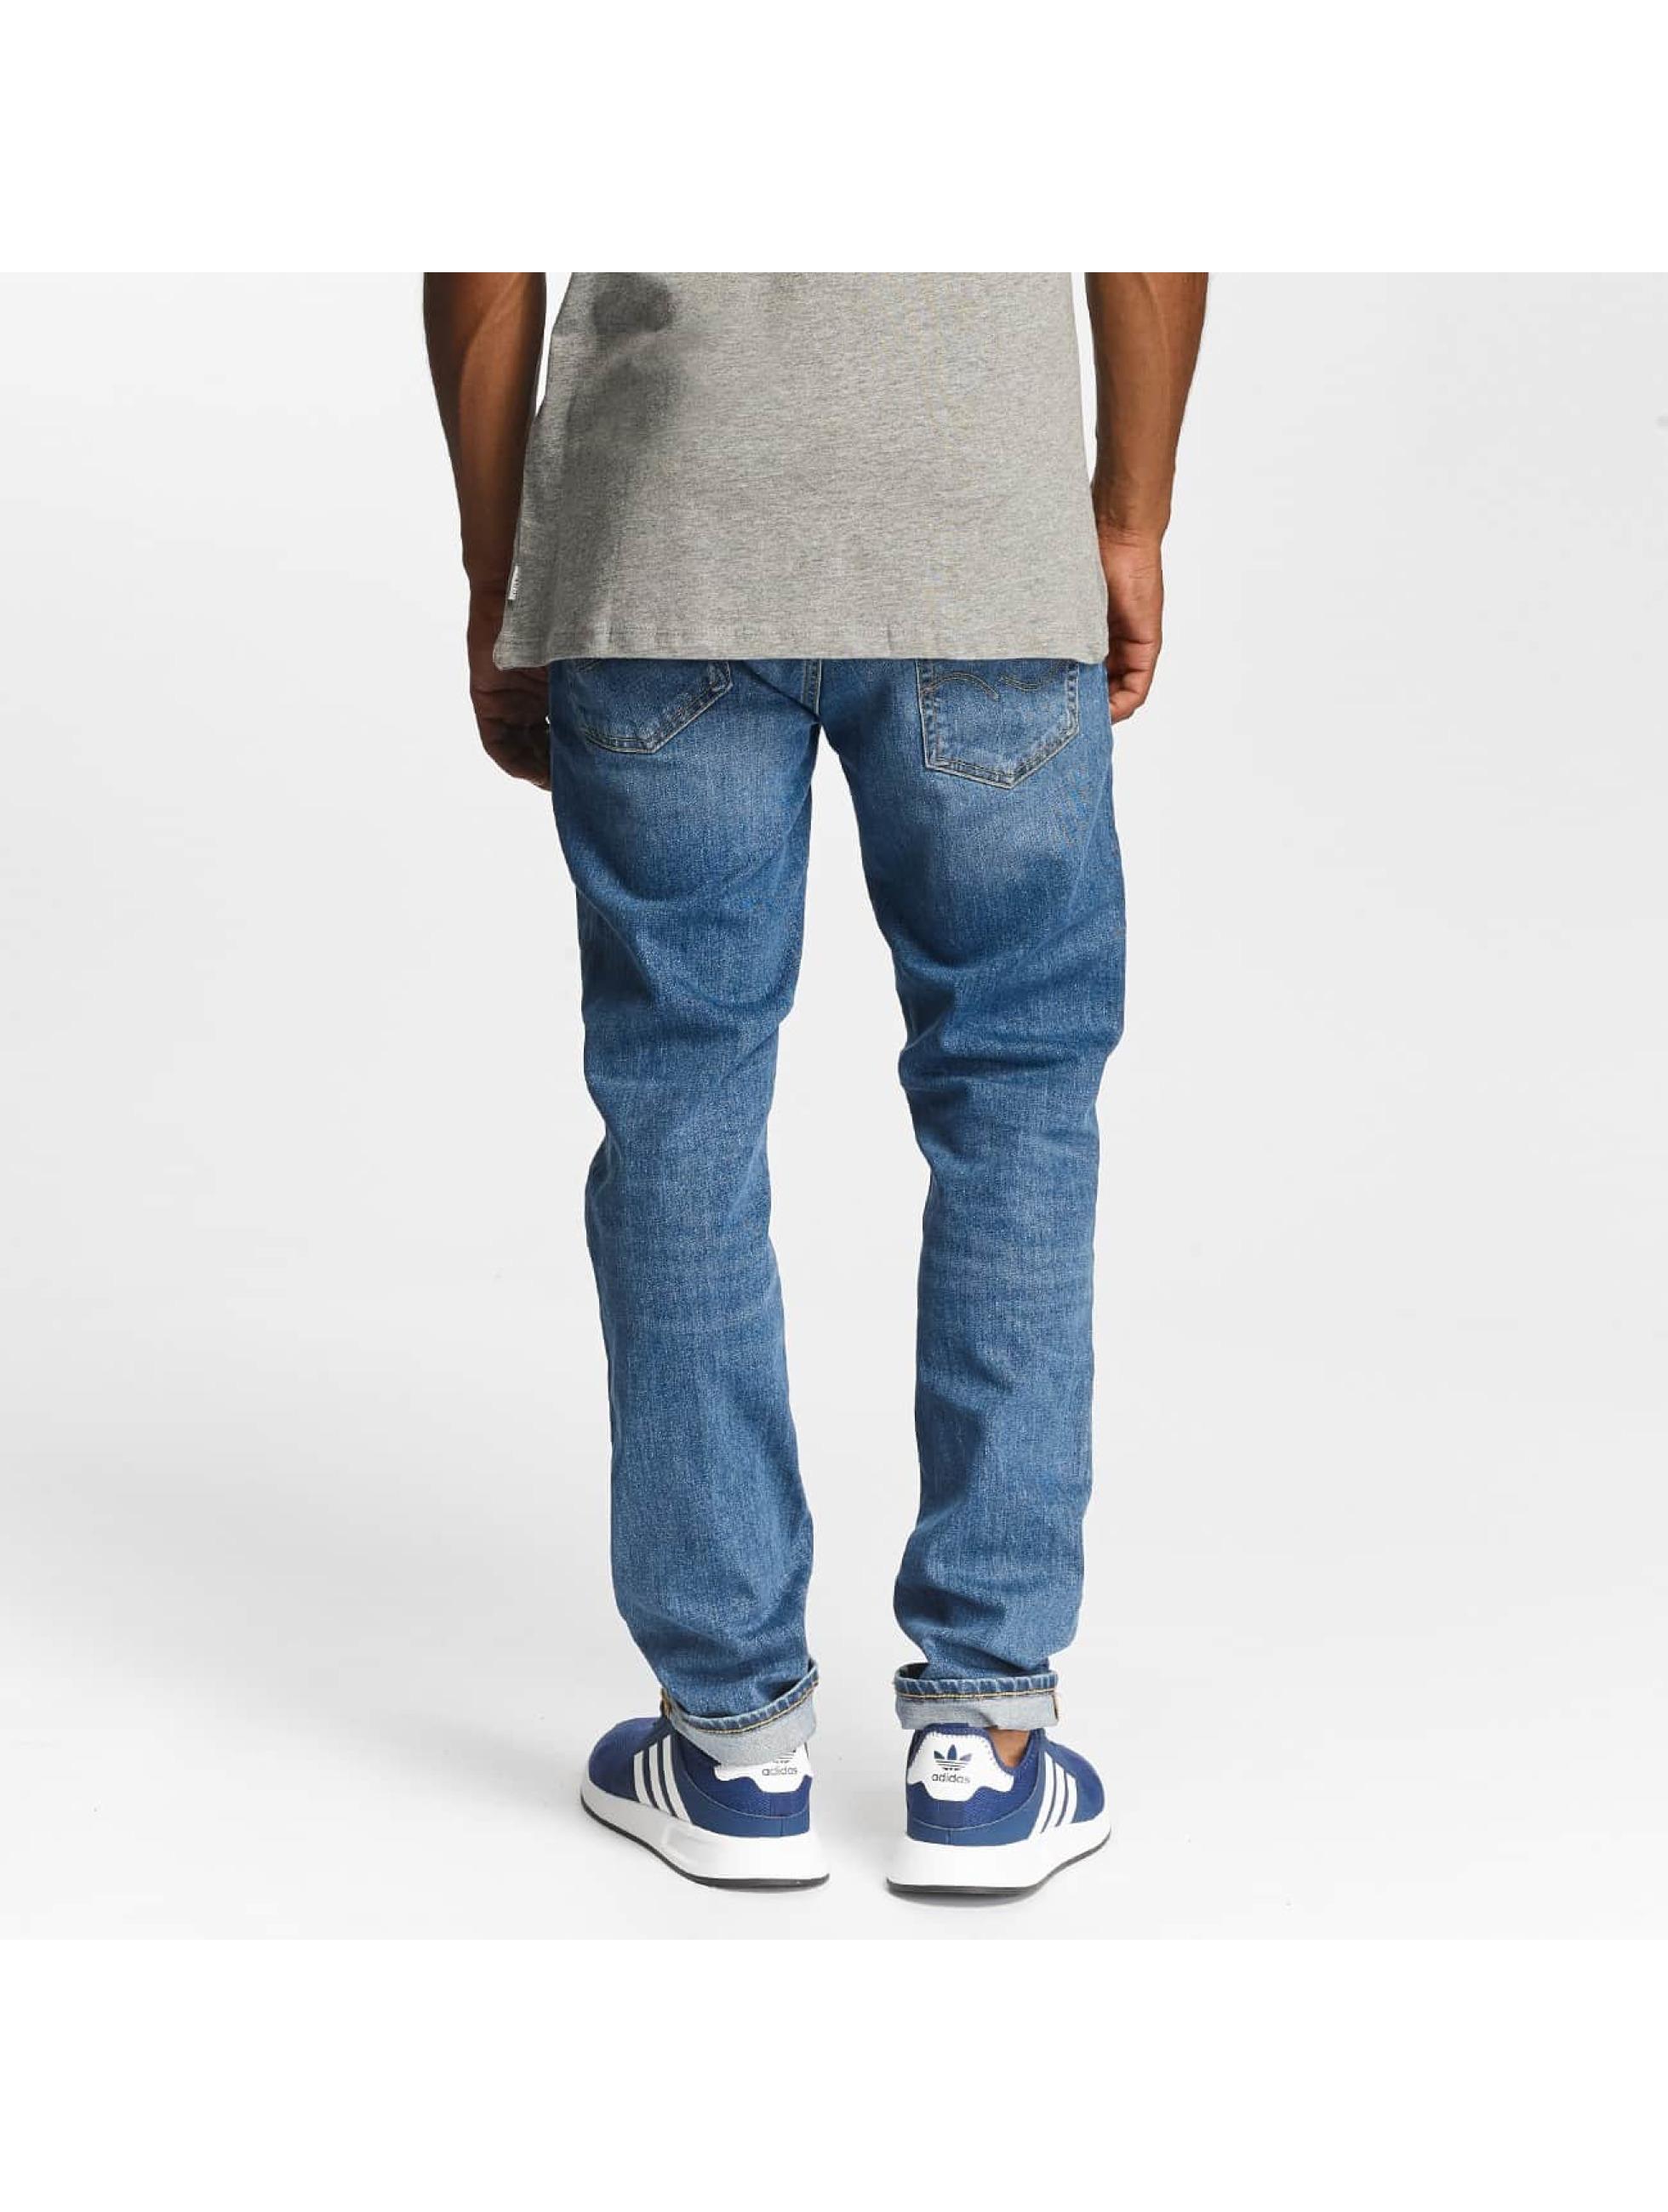 jack jones herren slim fit jeans jjitim jjoriginal am420. Black Bedroom Furniture Sets. Home Design Ideas